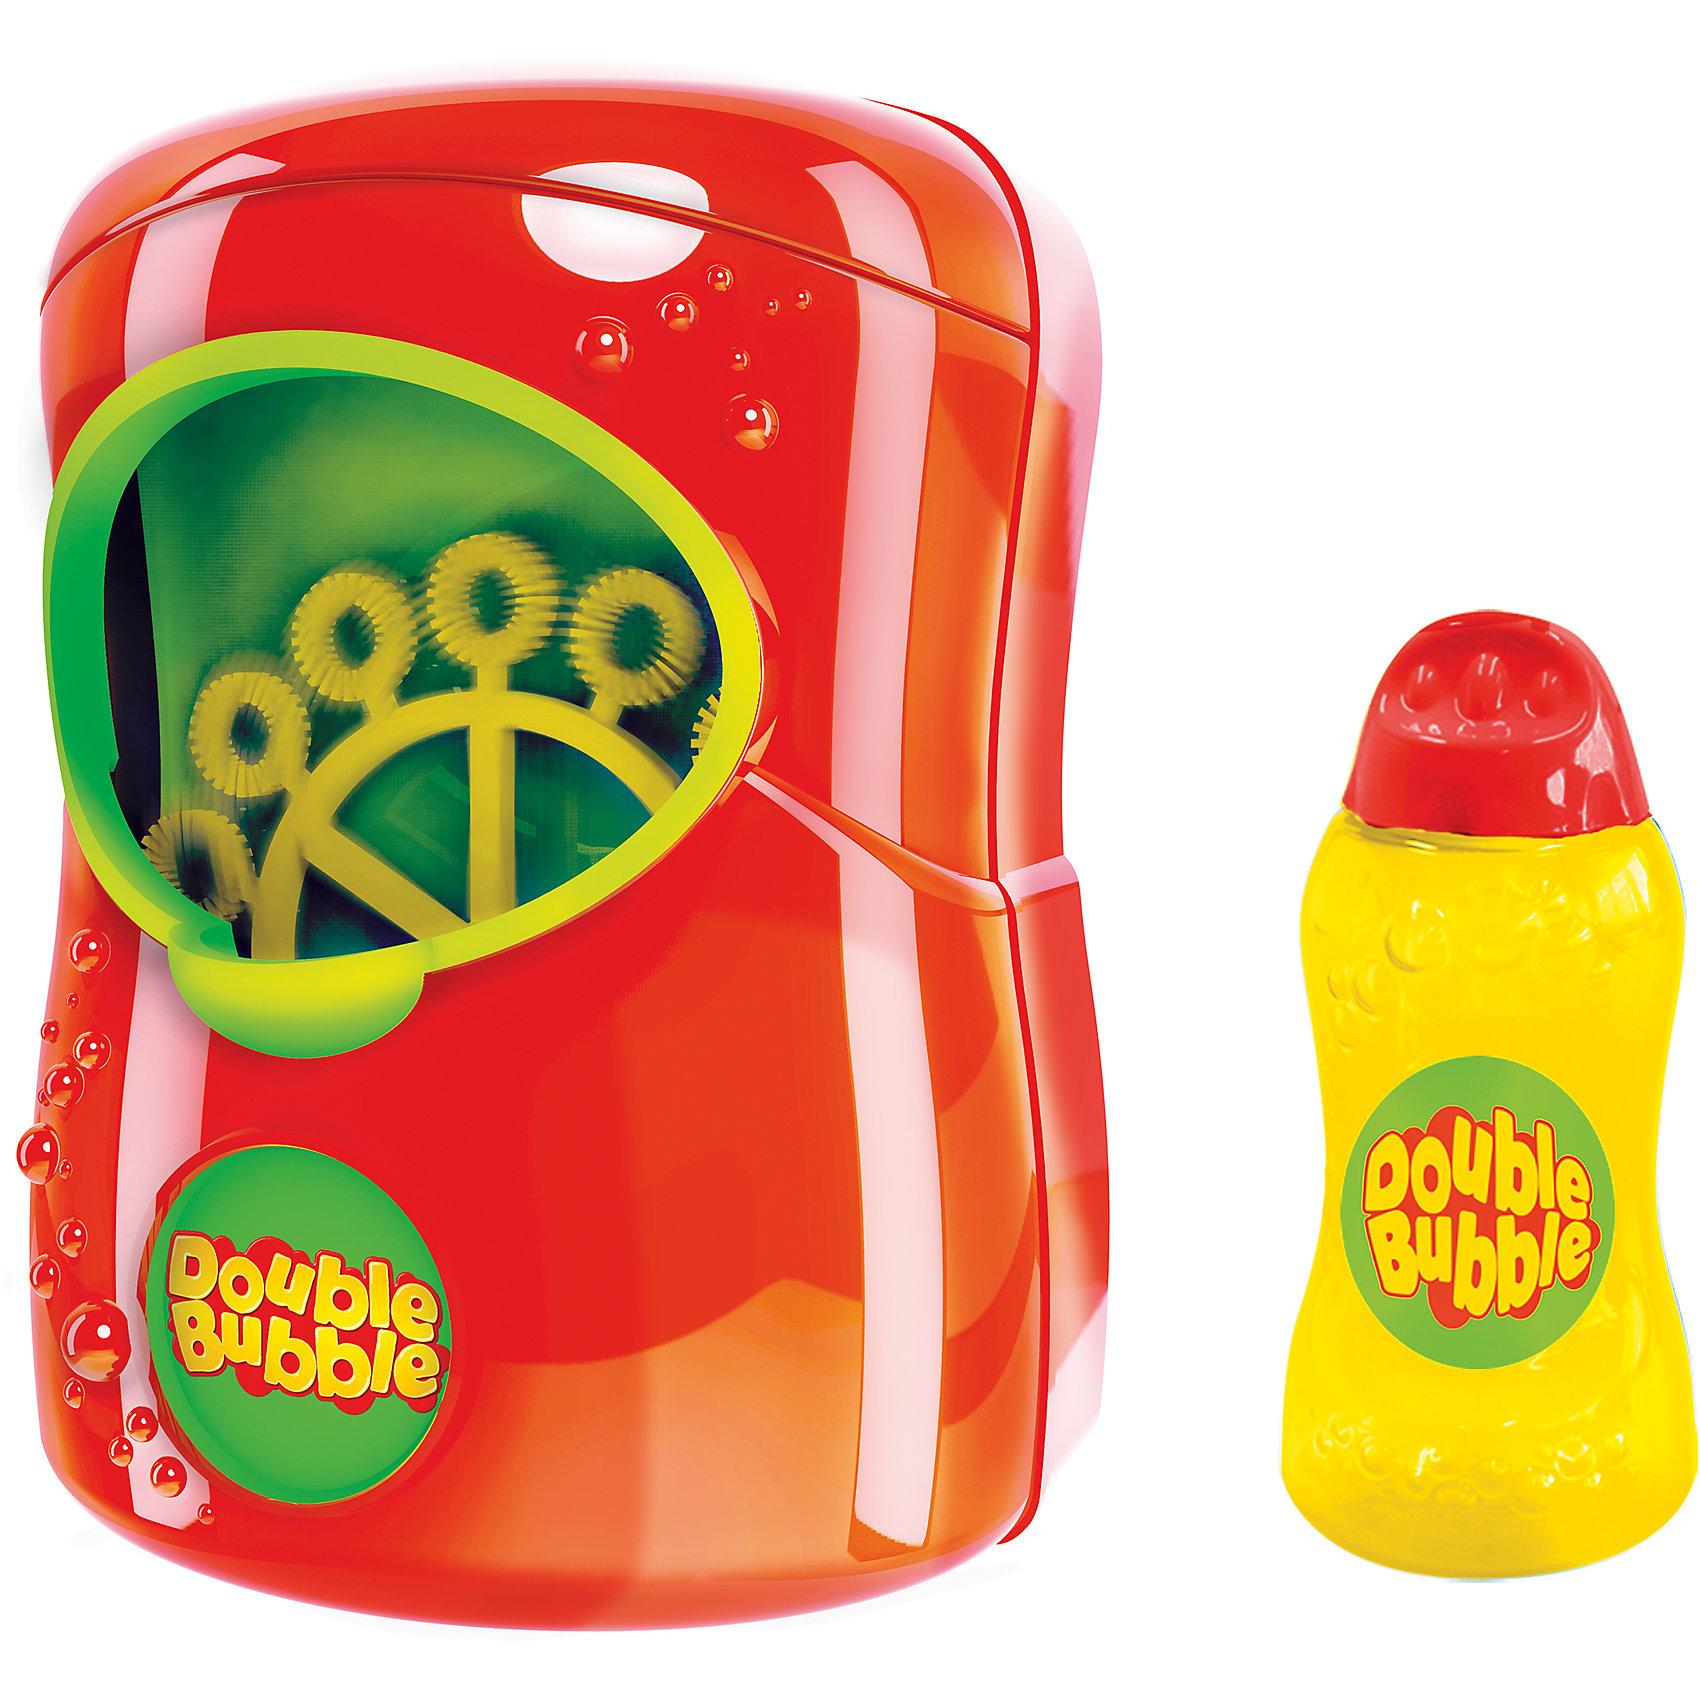 Машина для пускания мыльных пузырей Double Bubble, HTIМыльные пузыри<br>Характеристики:<br><br>• возраст: от 3 лет<br>• комплектация: машинка для пускания мыльных пузырей, мыльная жидкость в бутылочке 125 мл<br>• материал: пластик<br>• батарейки: 4 х AA / LR6 1.5V (пальчиковые)<br>• наличие батареек: не входят в комплект<br>• упаковка: картонная коробка открытого типа<br>• размер упаковки: 21х25,5х10,5 см.<br>• вес: 685 гр.<br><br>Машина для пускания мыльных пузырей Double Bubble от известного бренда HTI отлично подойдет для веселых игр на свежем воздухе.<br>Для запуска достаточно налить мыльную жидкость в устройство и нажать на кнопку включения.<br>Машина для пускания мыльных пузырей изготовлена из пластика высокого качества.<br><br>Машину для пускания мыльных пузырей Double Bubble, HTI можно купить в нашем интернет-магазине.<br><br>Ширина мм: 255<br>Глубина мм: 105<br>Высота мм: 210<br>Вес г: 685<br>Возраст от месяцев: 36<br>Возраст до месяцев: 2147483647<br>Пол: Унисекс<br>Возраст: Детский<br>SKU: 6845739